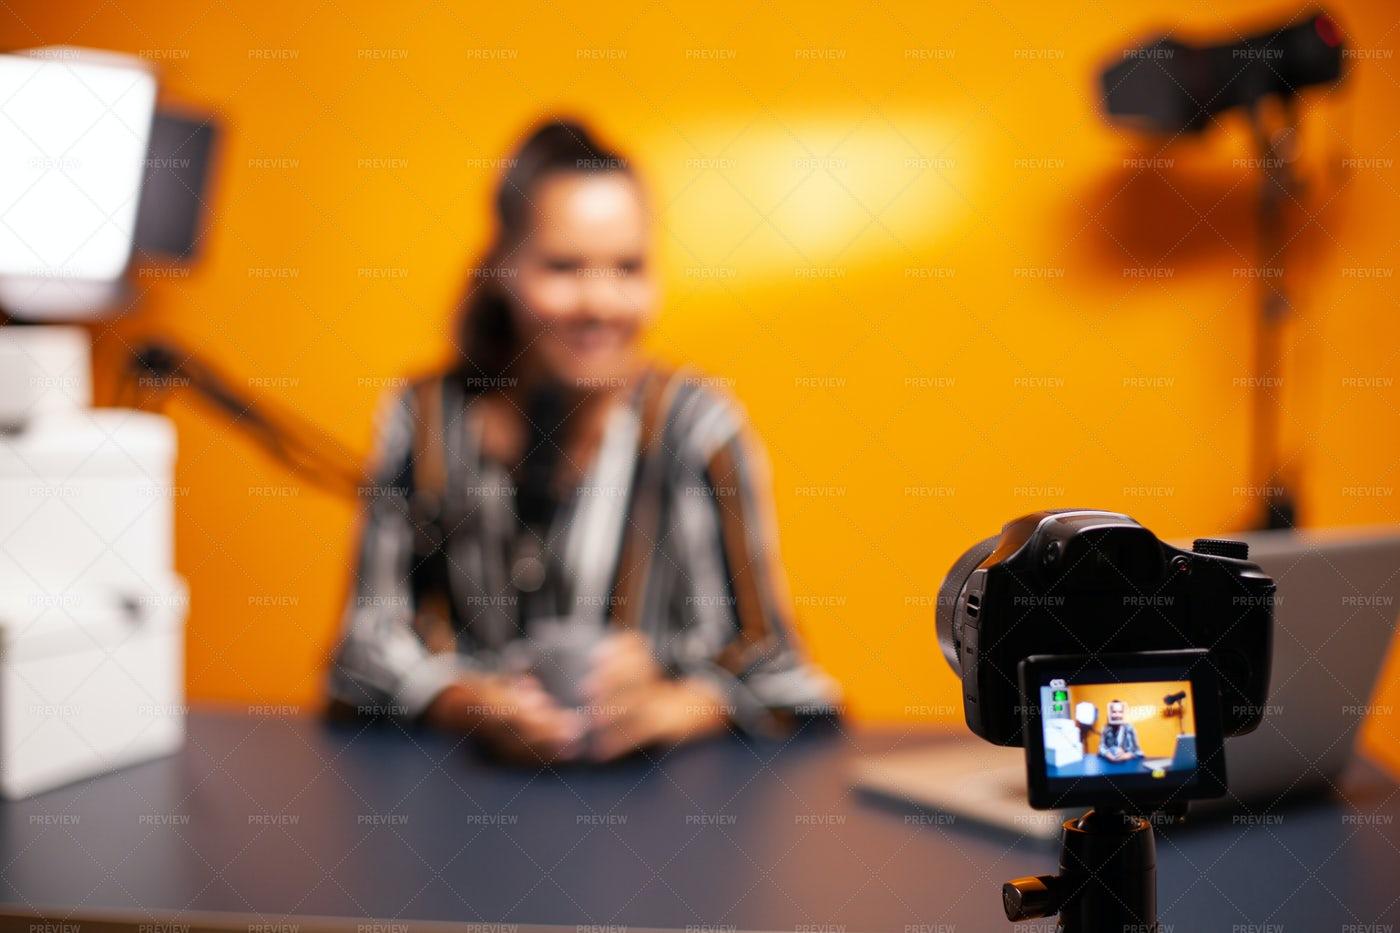 Camera Recording Videoblog: Stock Photos